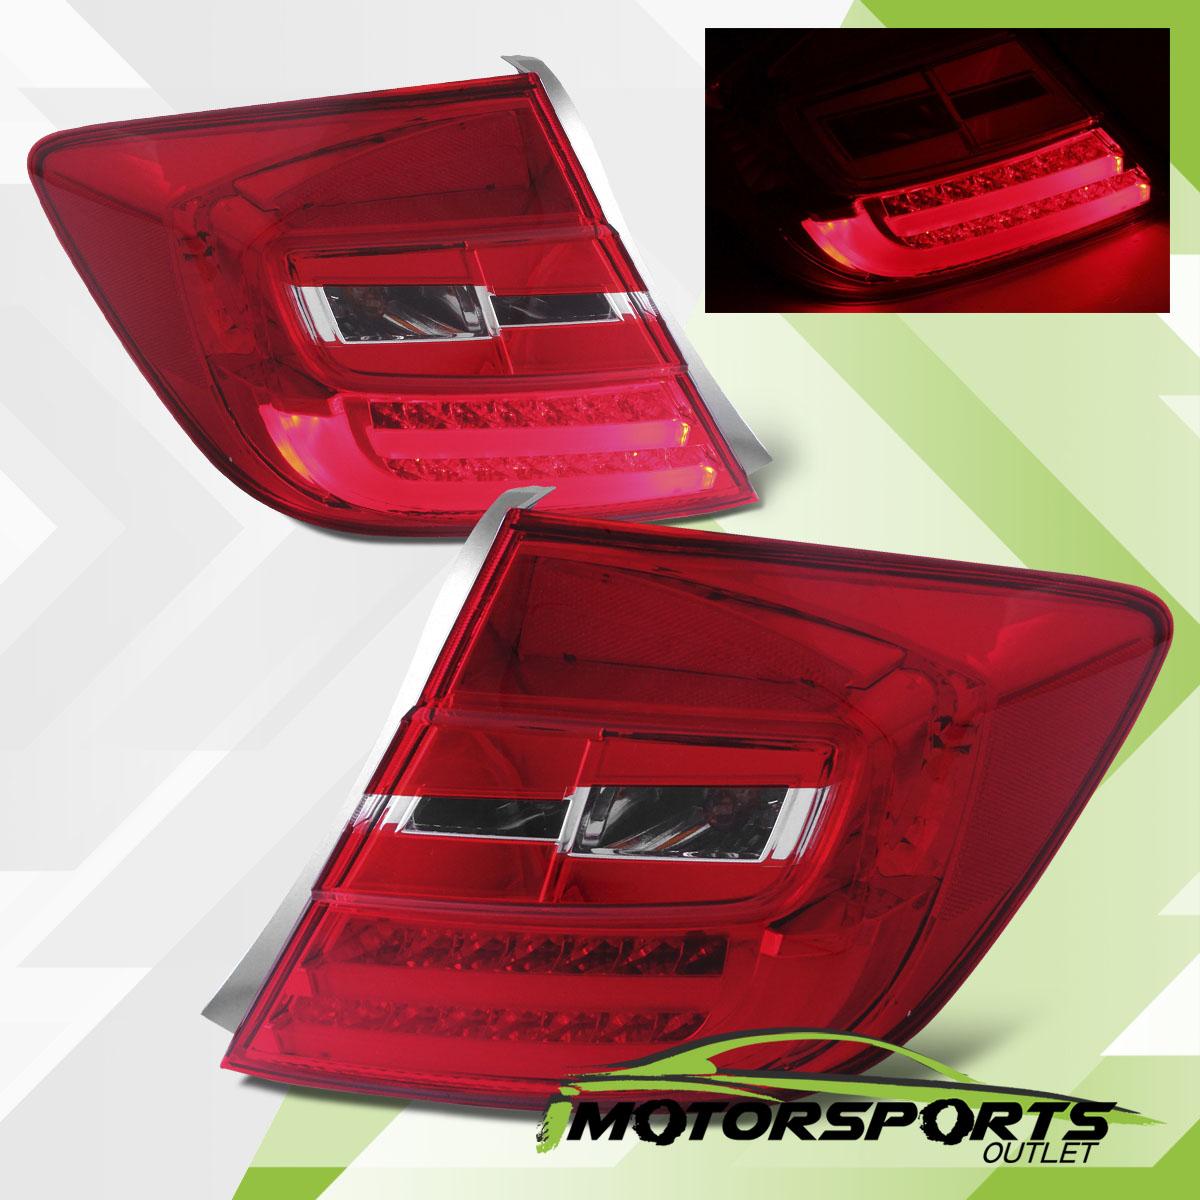 2012 Honda Civic 4dr Sedan Led Red Clear Rear Brake Tail